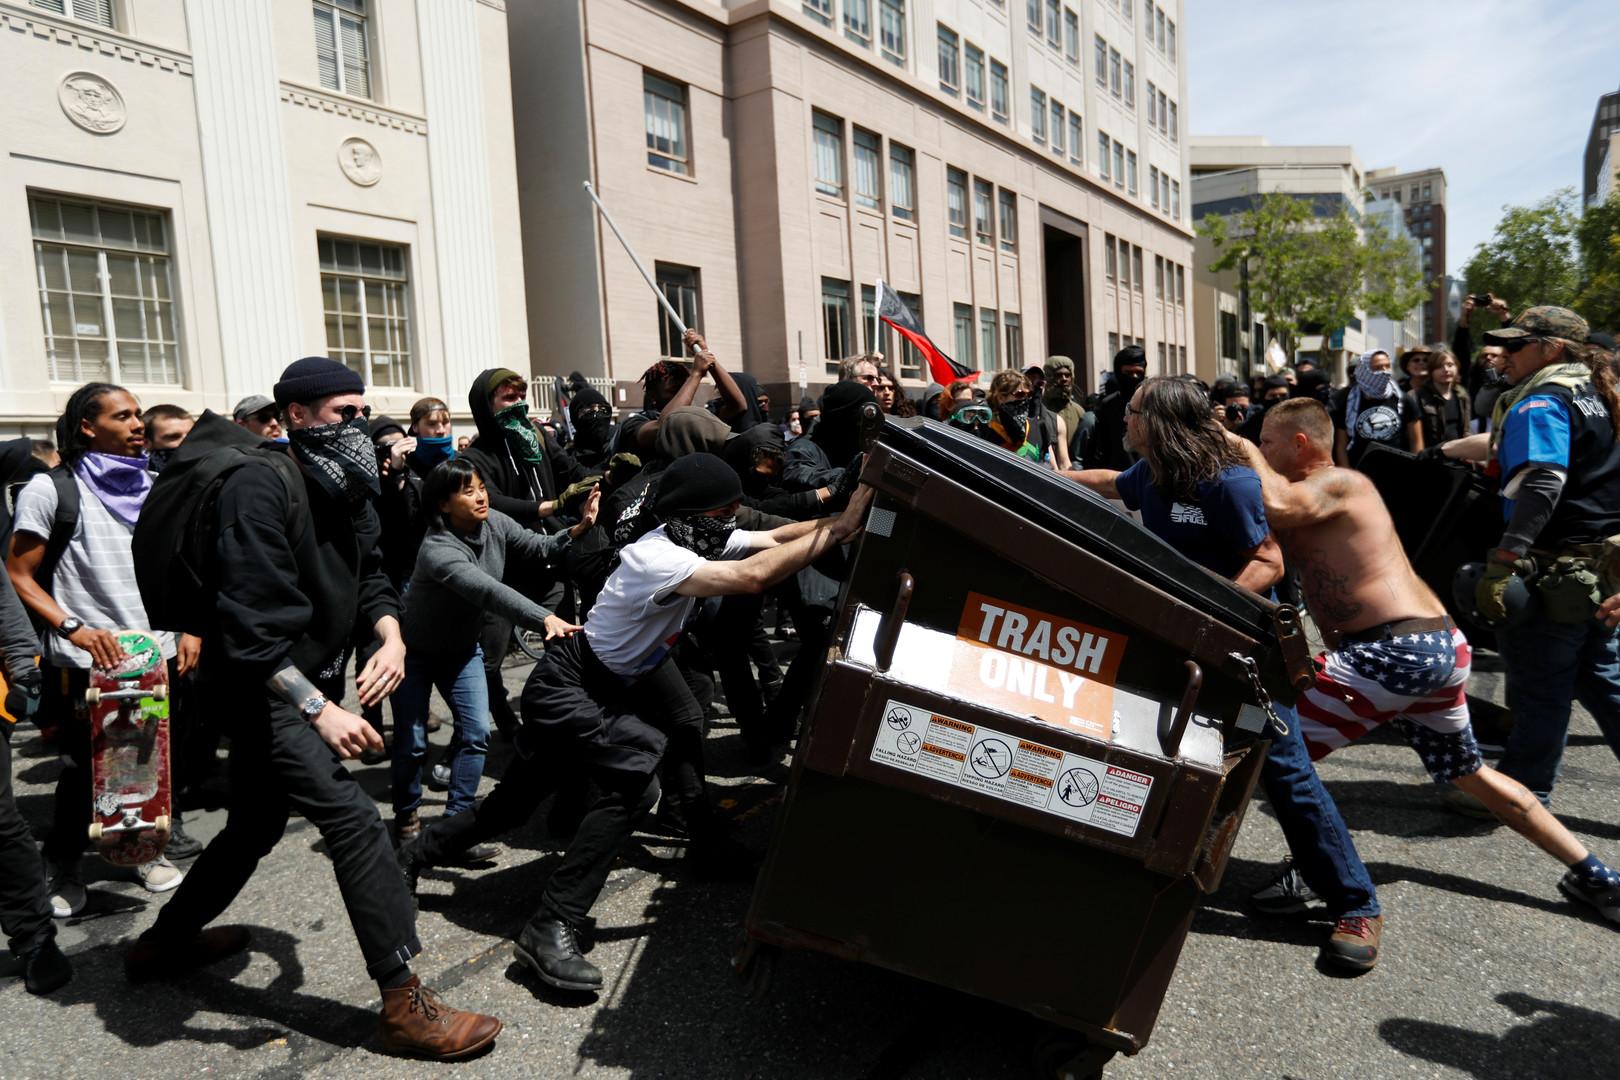 Битва за Беркли: как правые и анархисты сражаются за будущее Америки